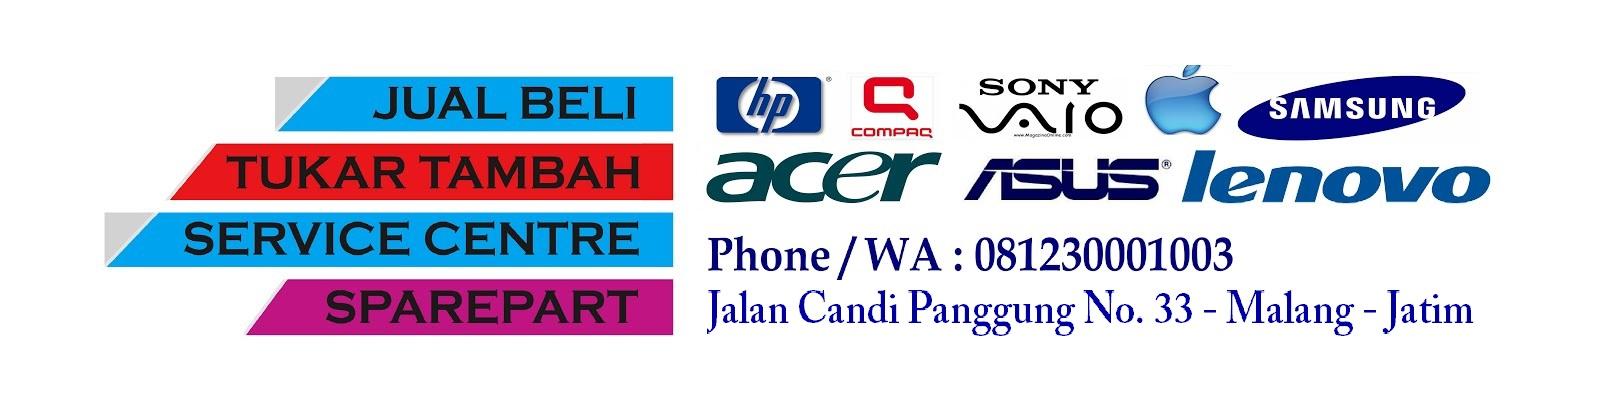 Jual Beli Laptop, Kamera Bekas, Service, Sparepart di Malang